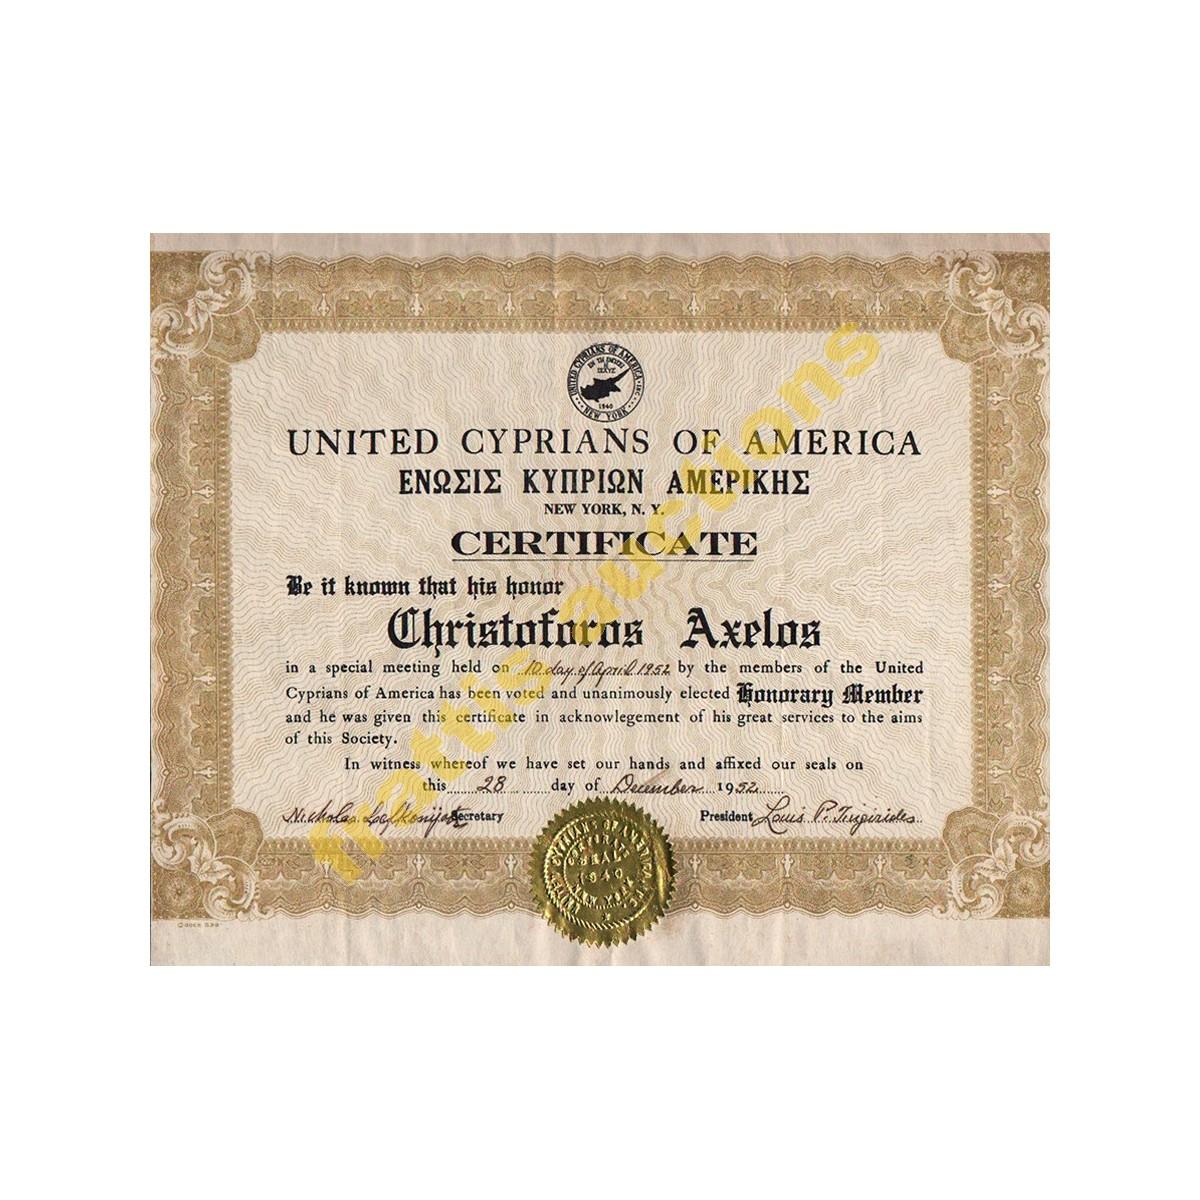 Ένωση Κυπρίων Αμερικής, αναμνηστικό δίπλωμα.